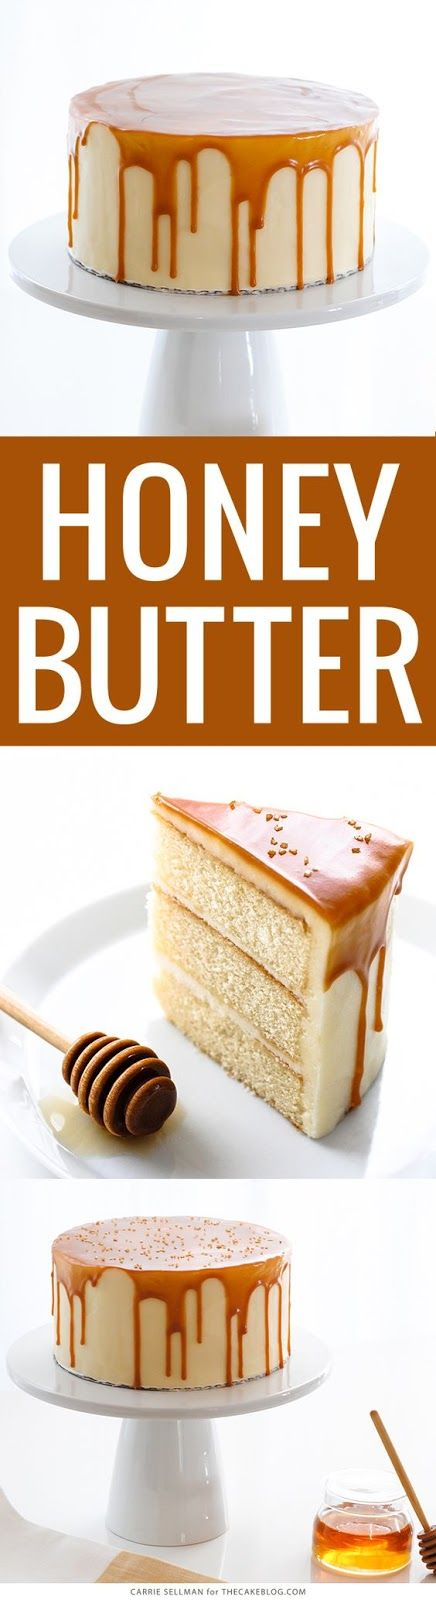 HONEY CAKE WITH HONEY BUTTERSCOTCH GLAZE | Food And Cake Recipes